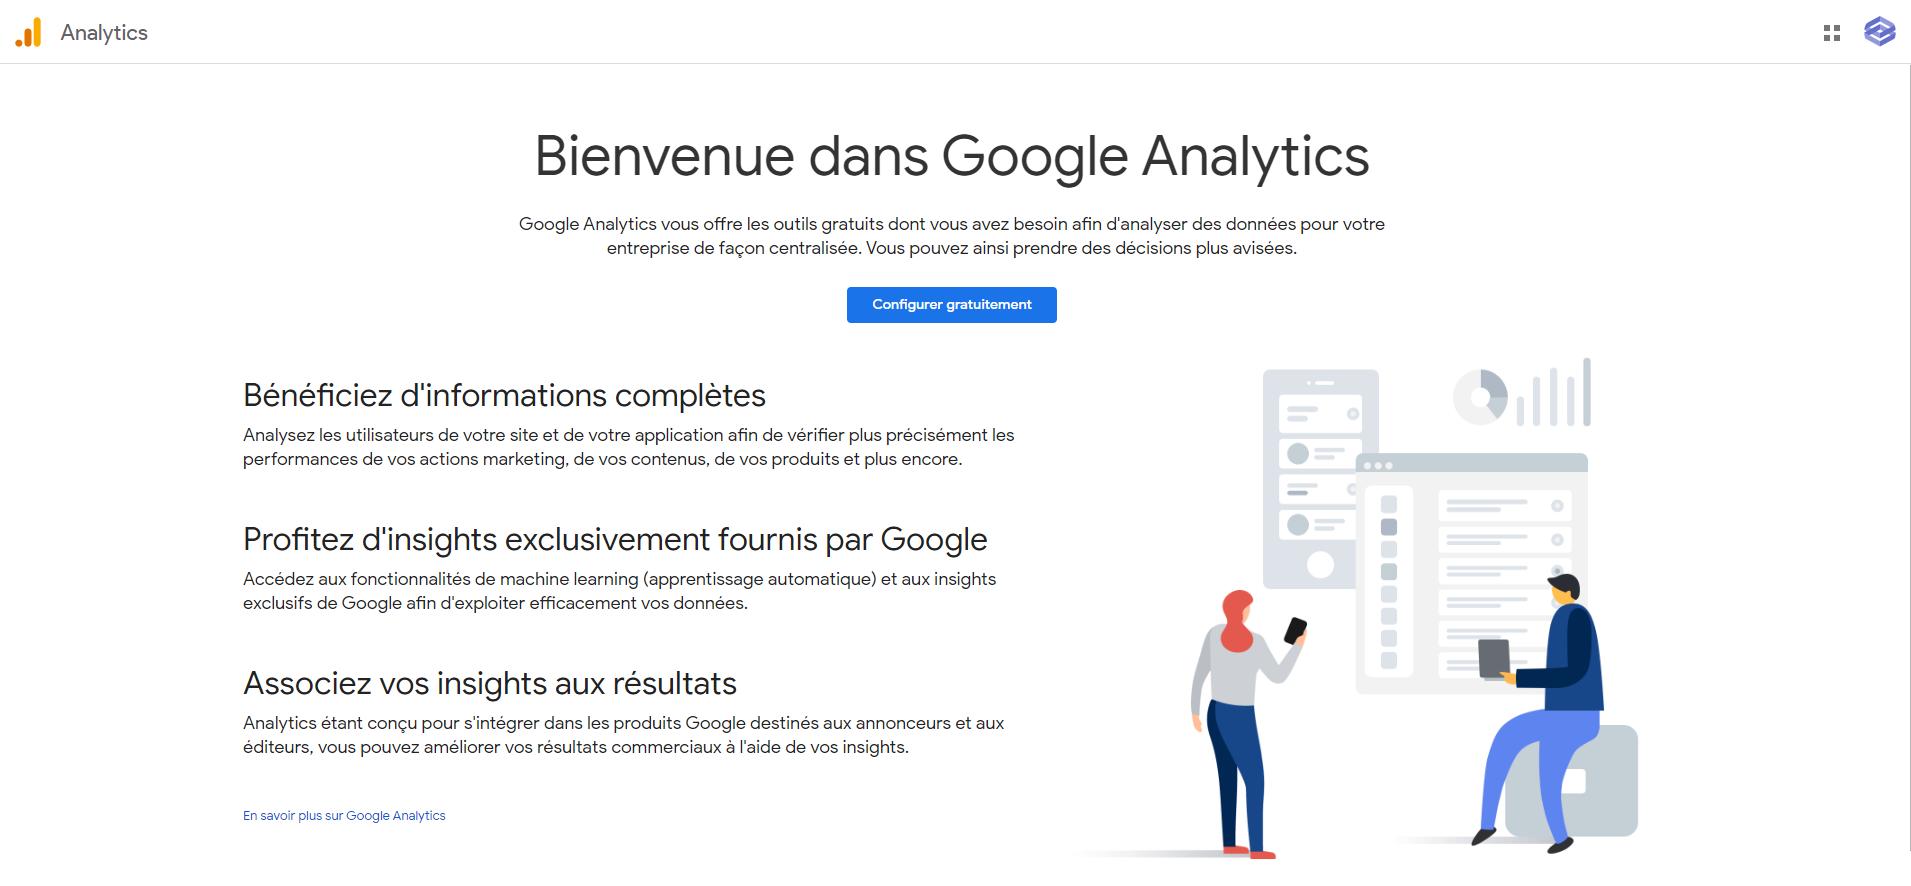 Page d'accueil de Google Analytics